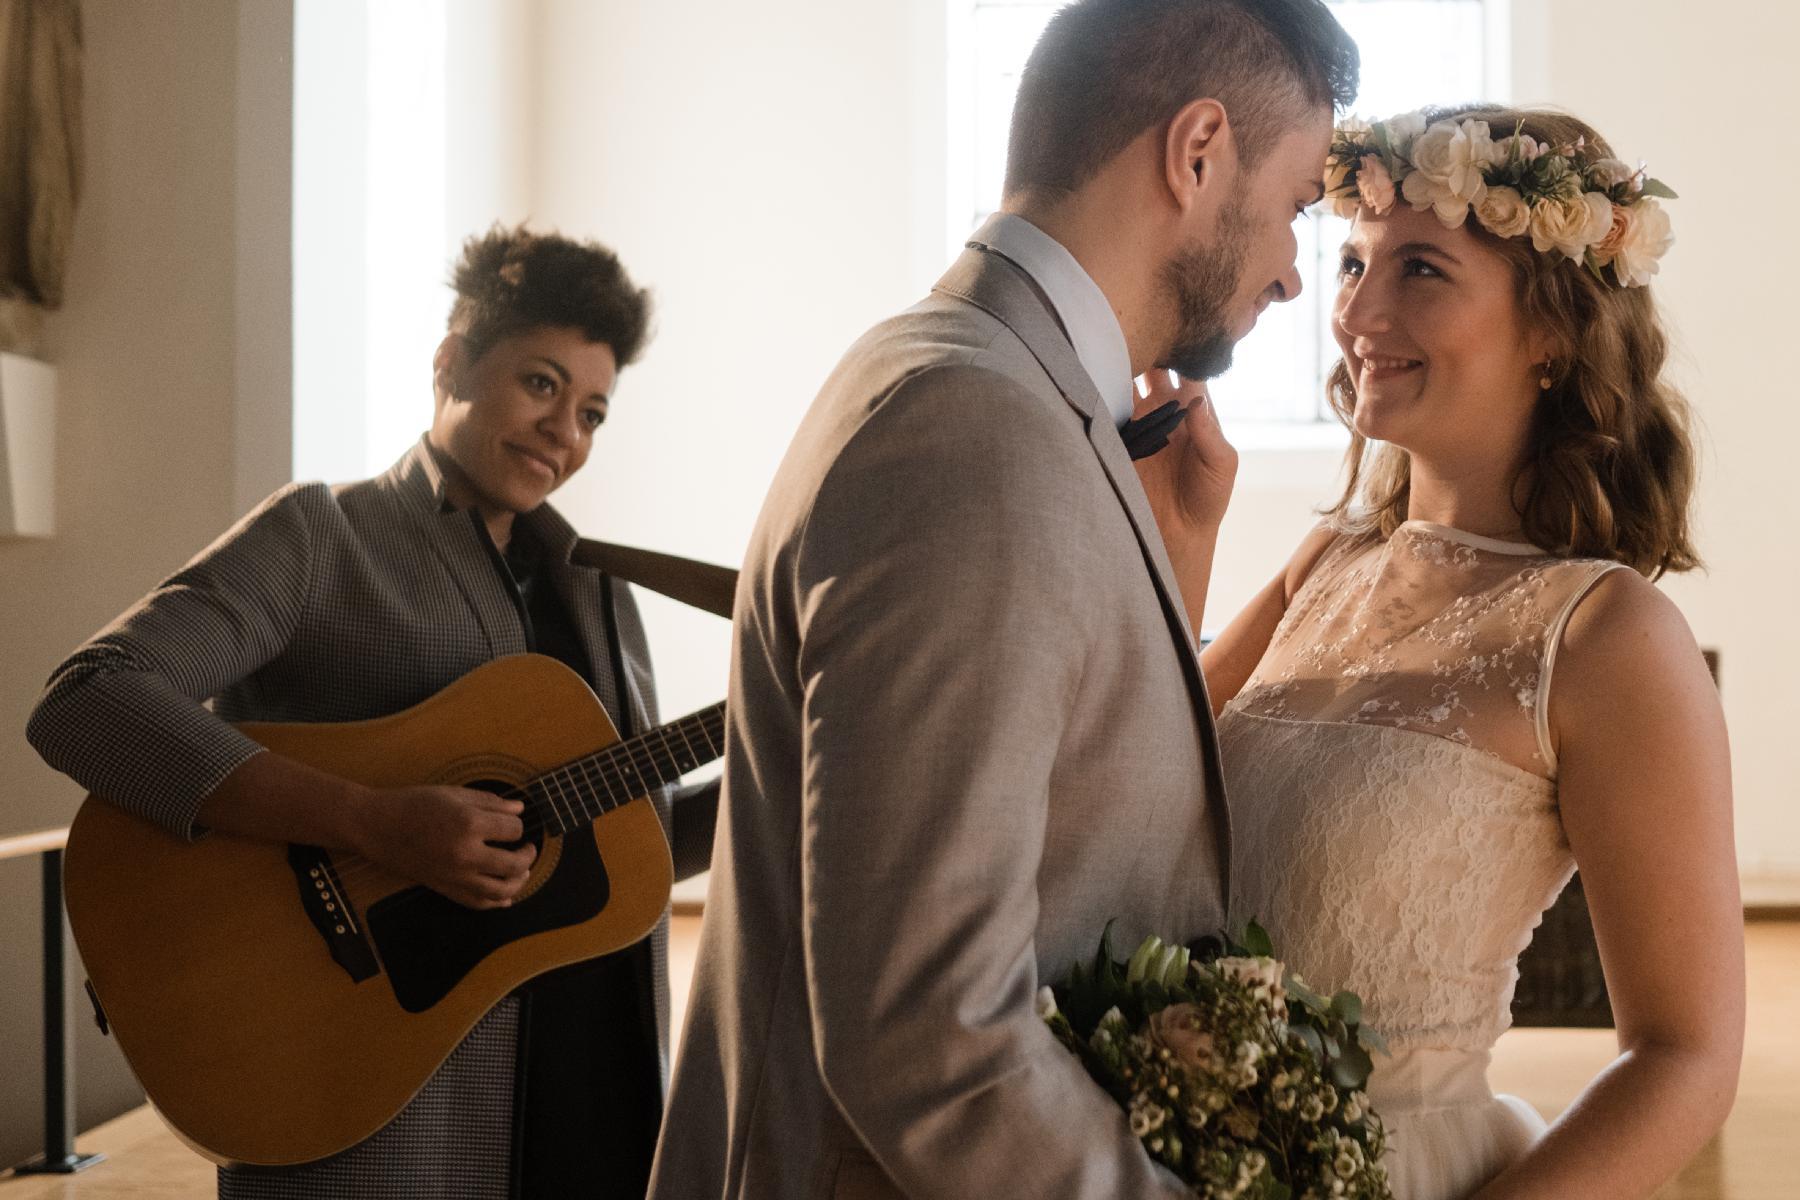 Ehepaar lächelt sich an in Kirche mit Sängerin